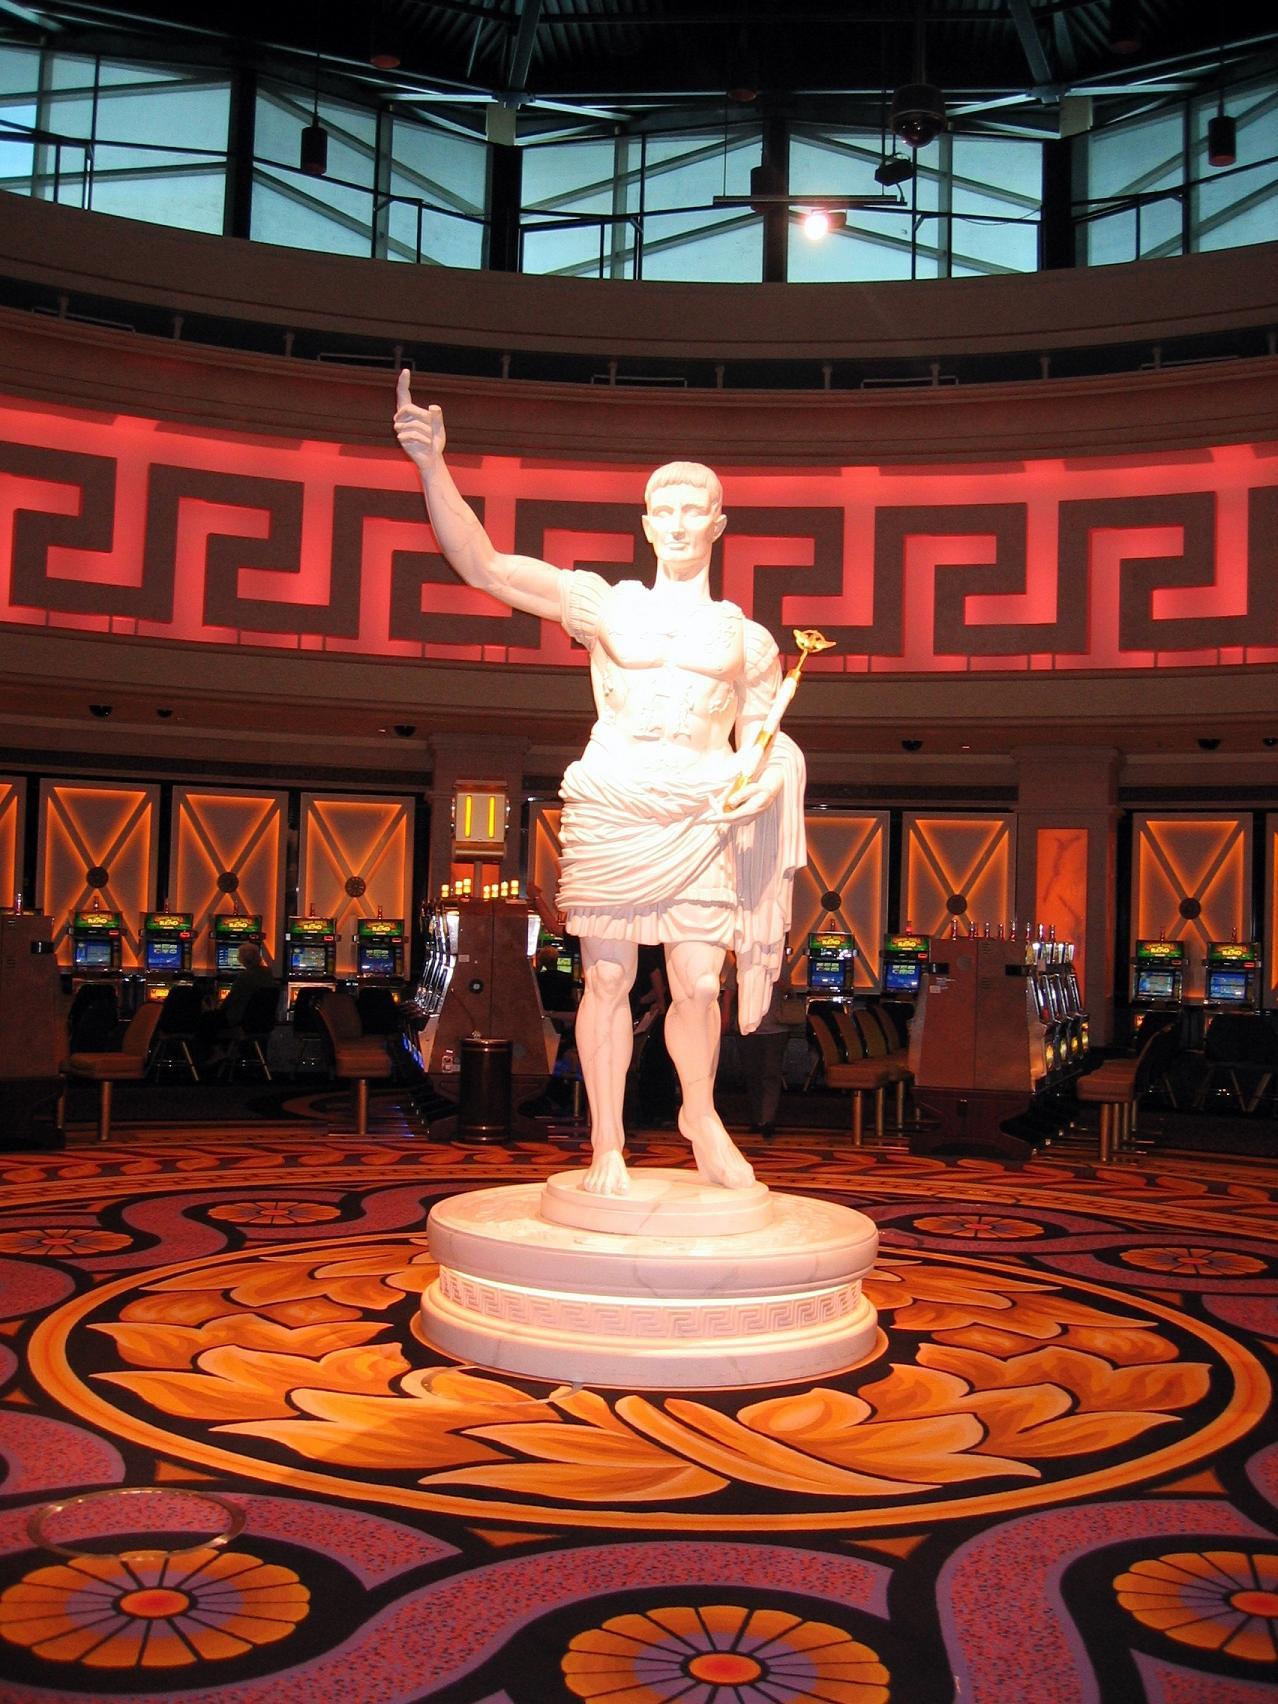 caesars casino windsor new years eve